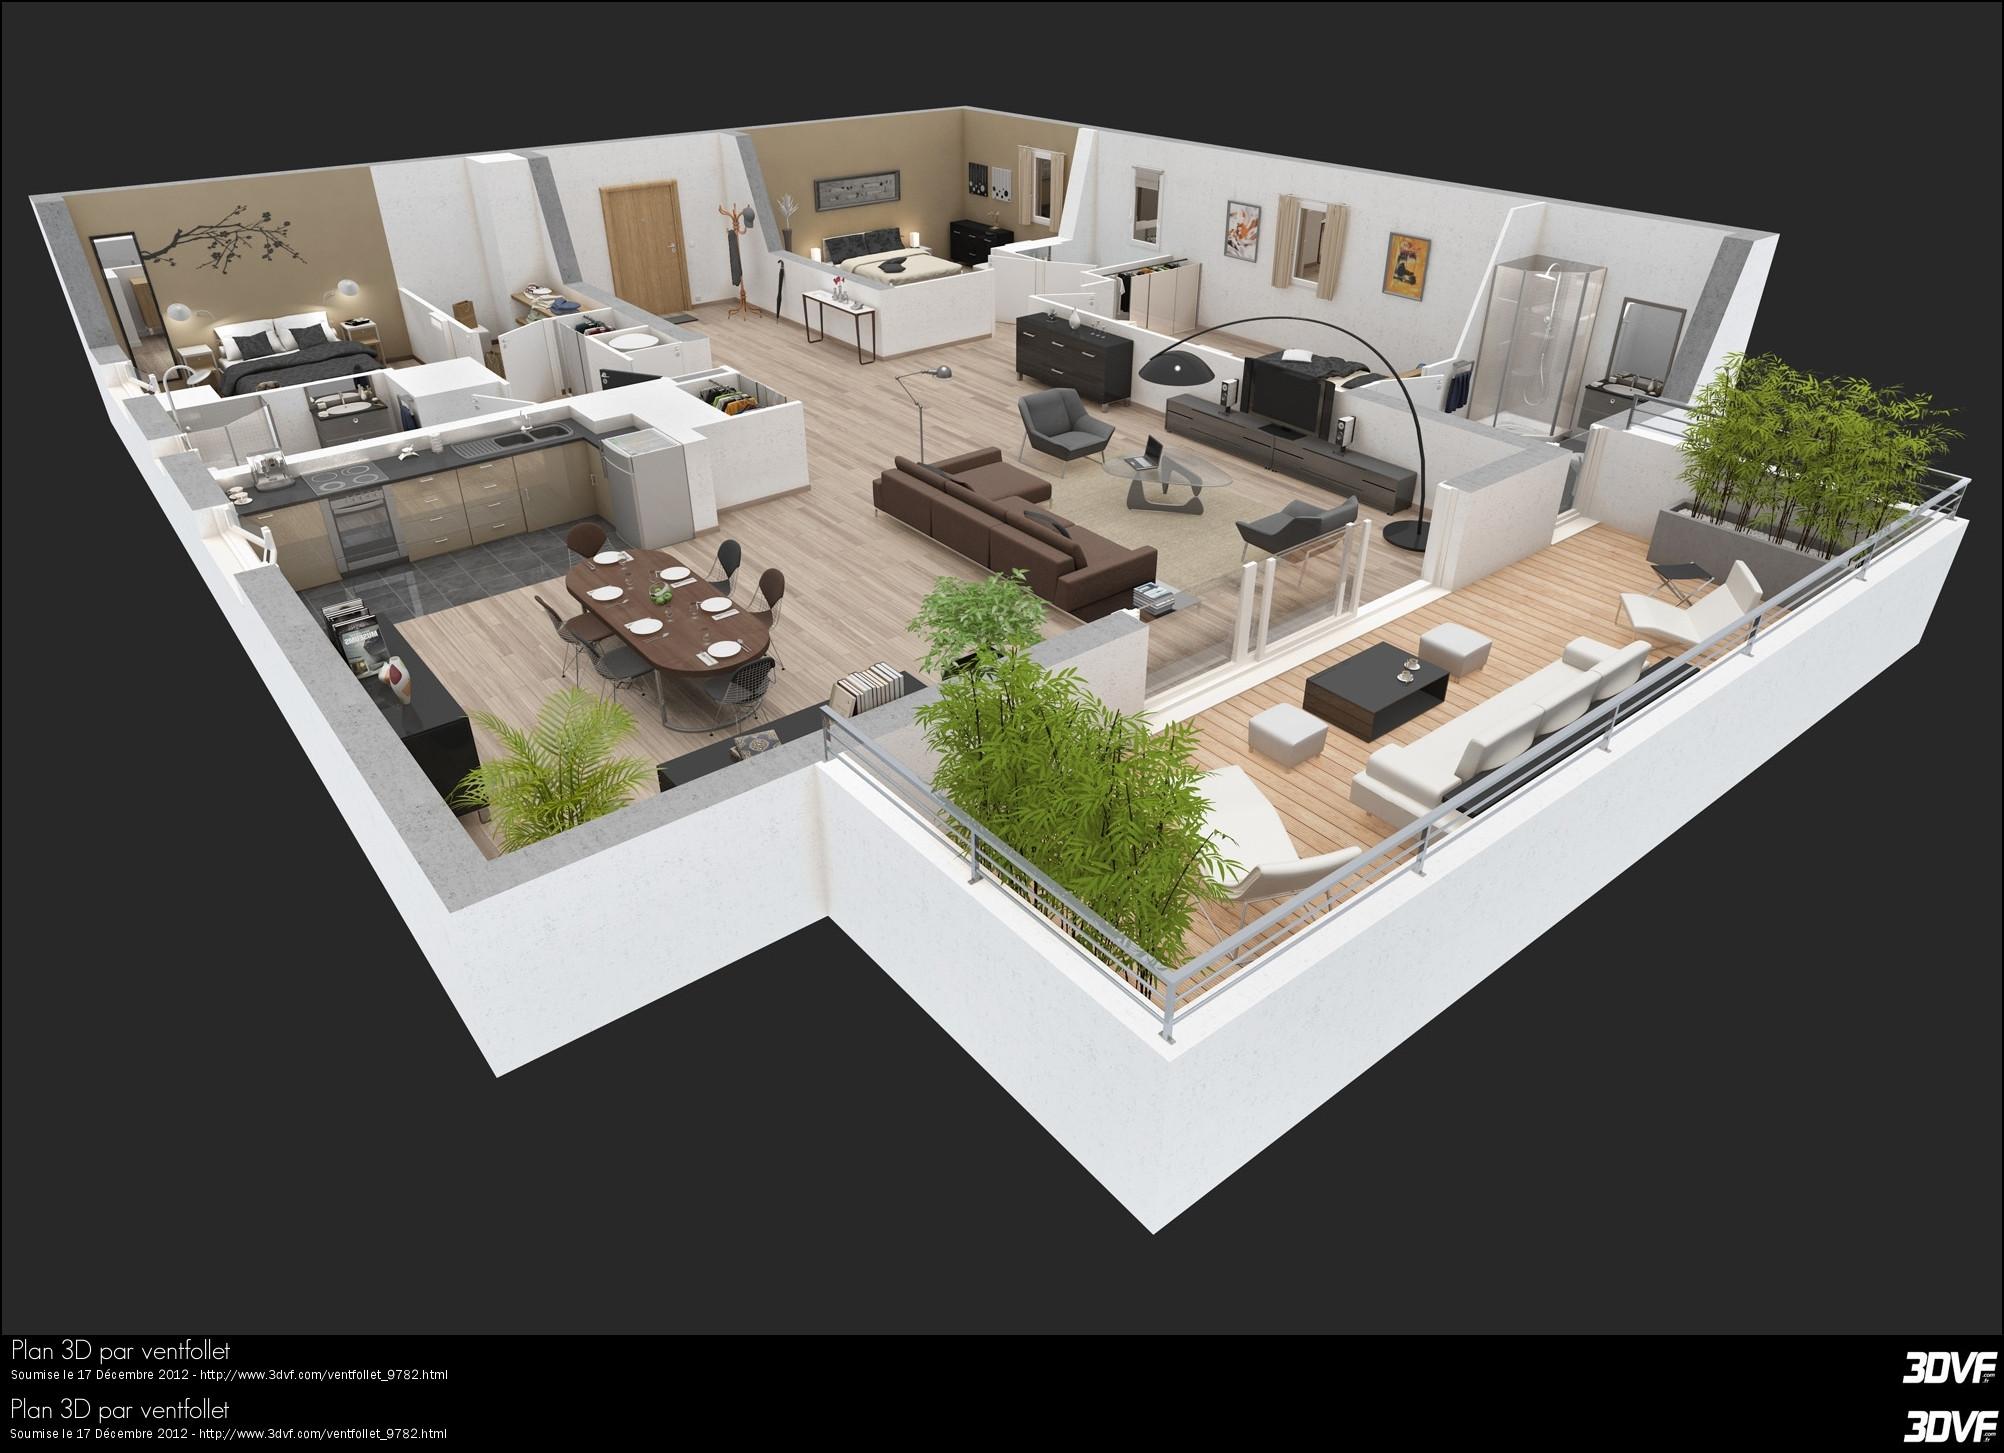 Plan de maison moderne 3 chambres 3d id es de travaux - Plan maison moderne 3 chambres ...